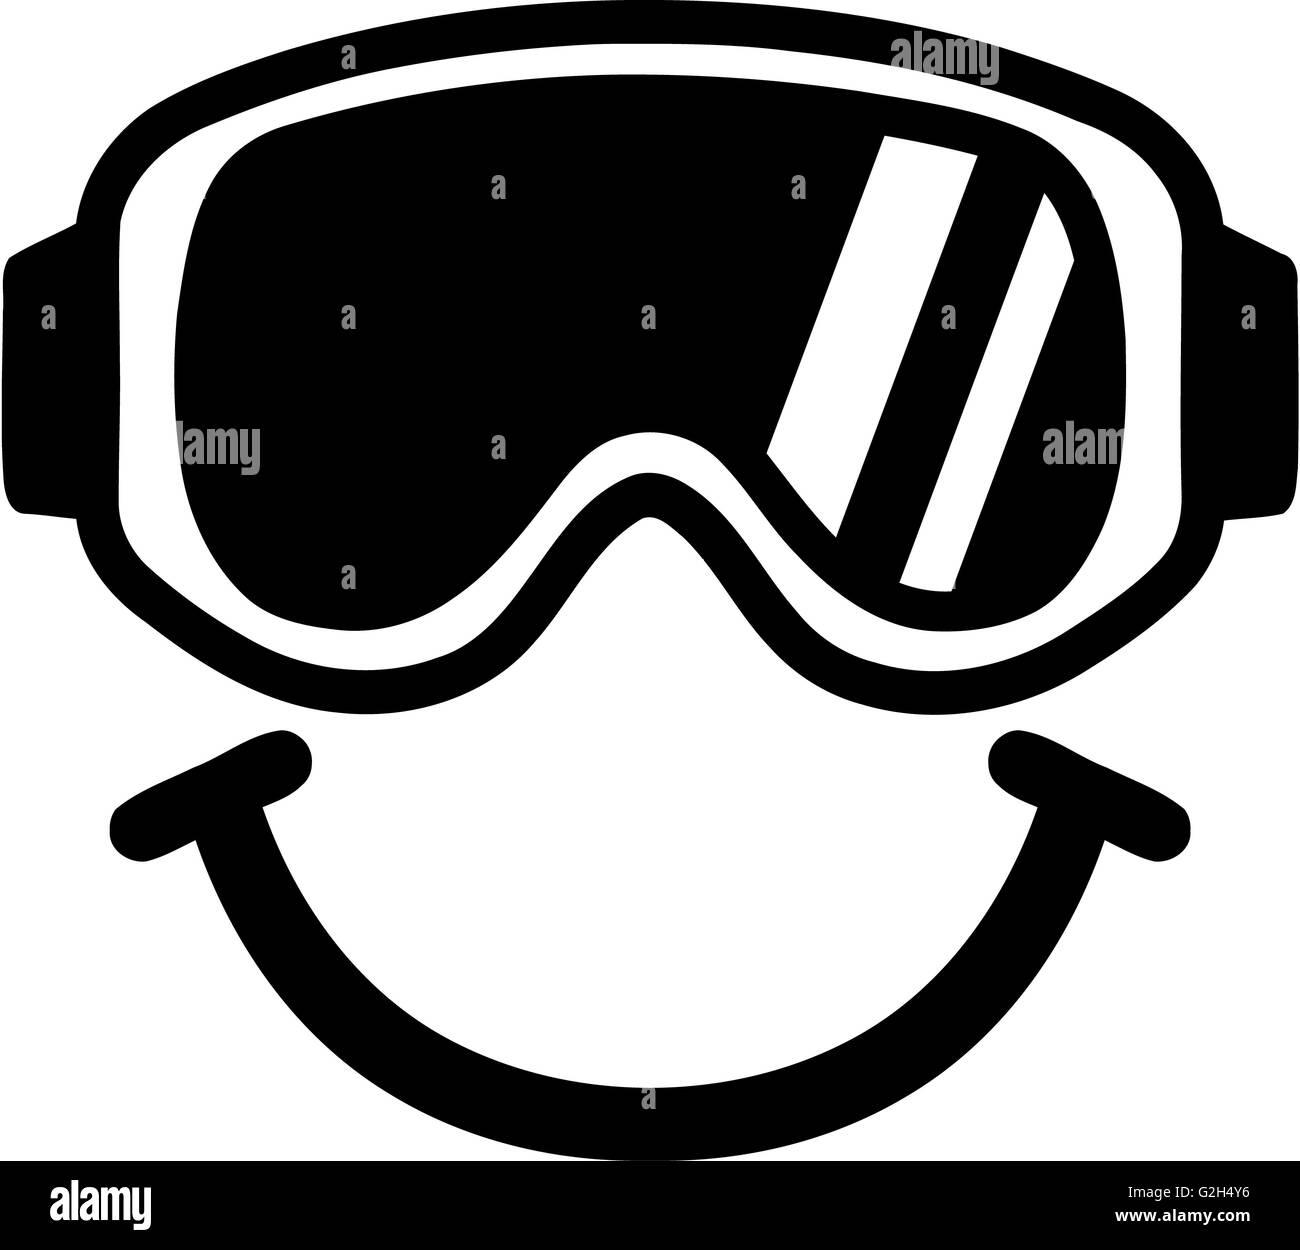 Ski Goggles Smiling - Stock Image